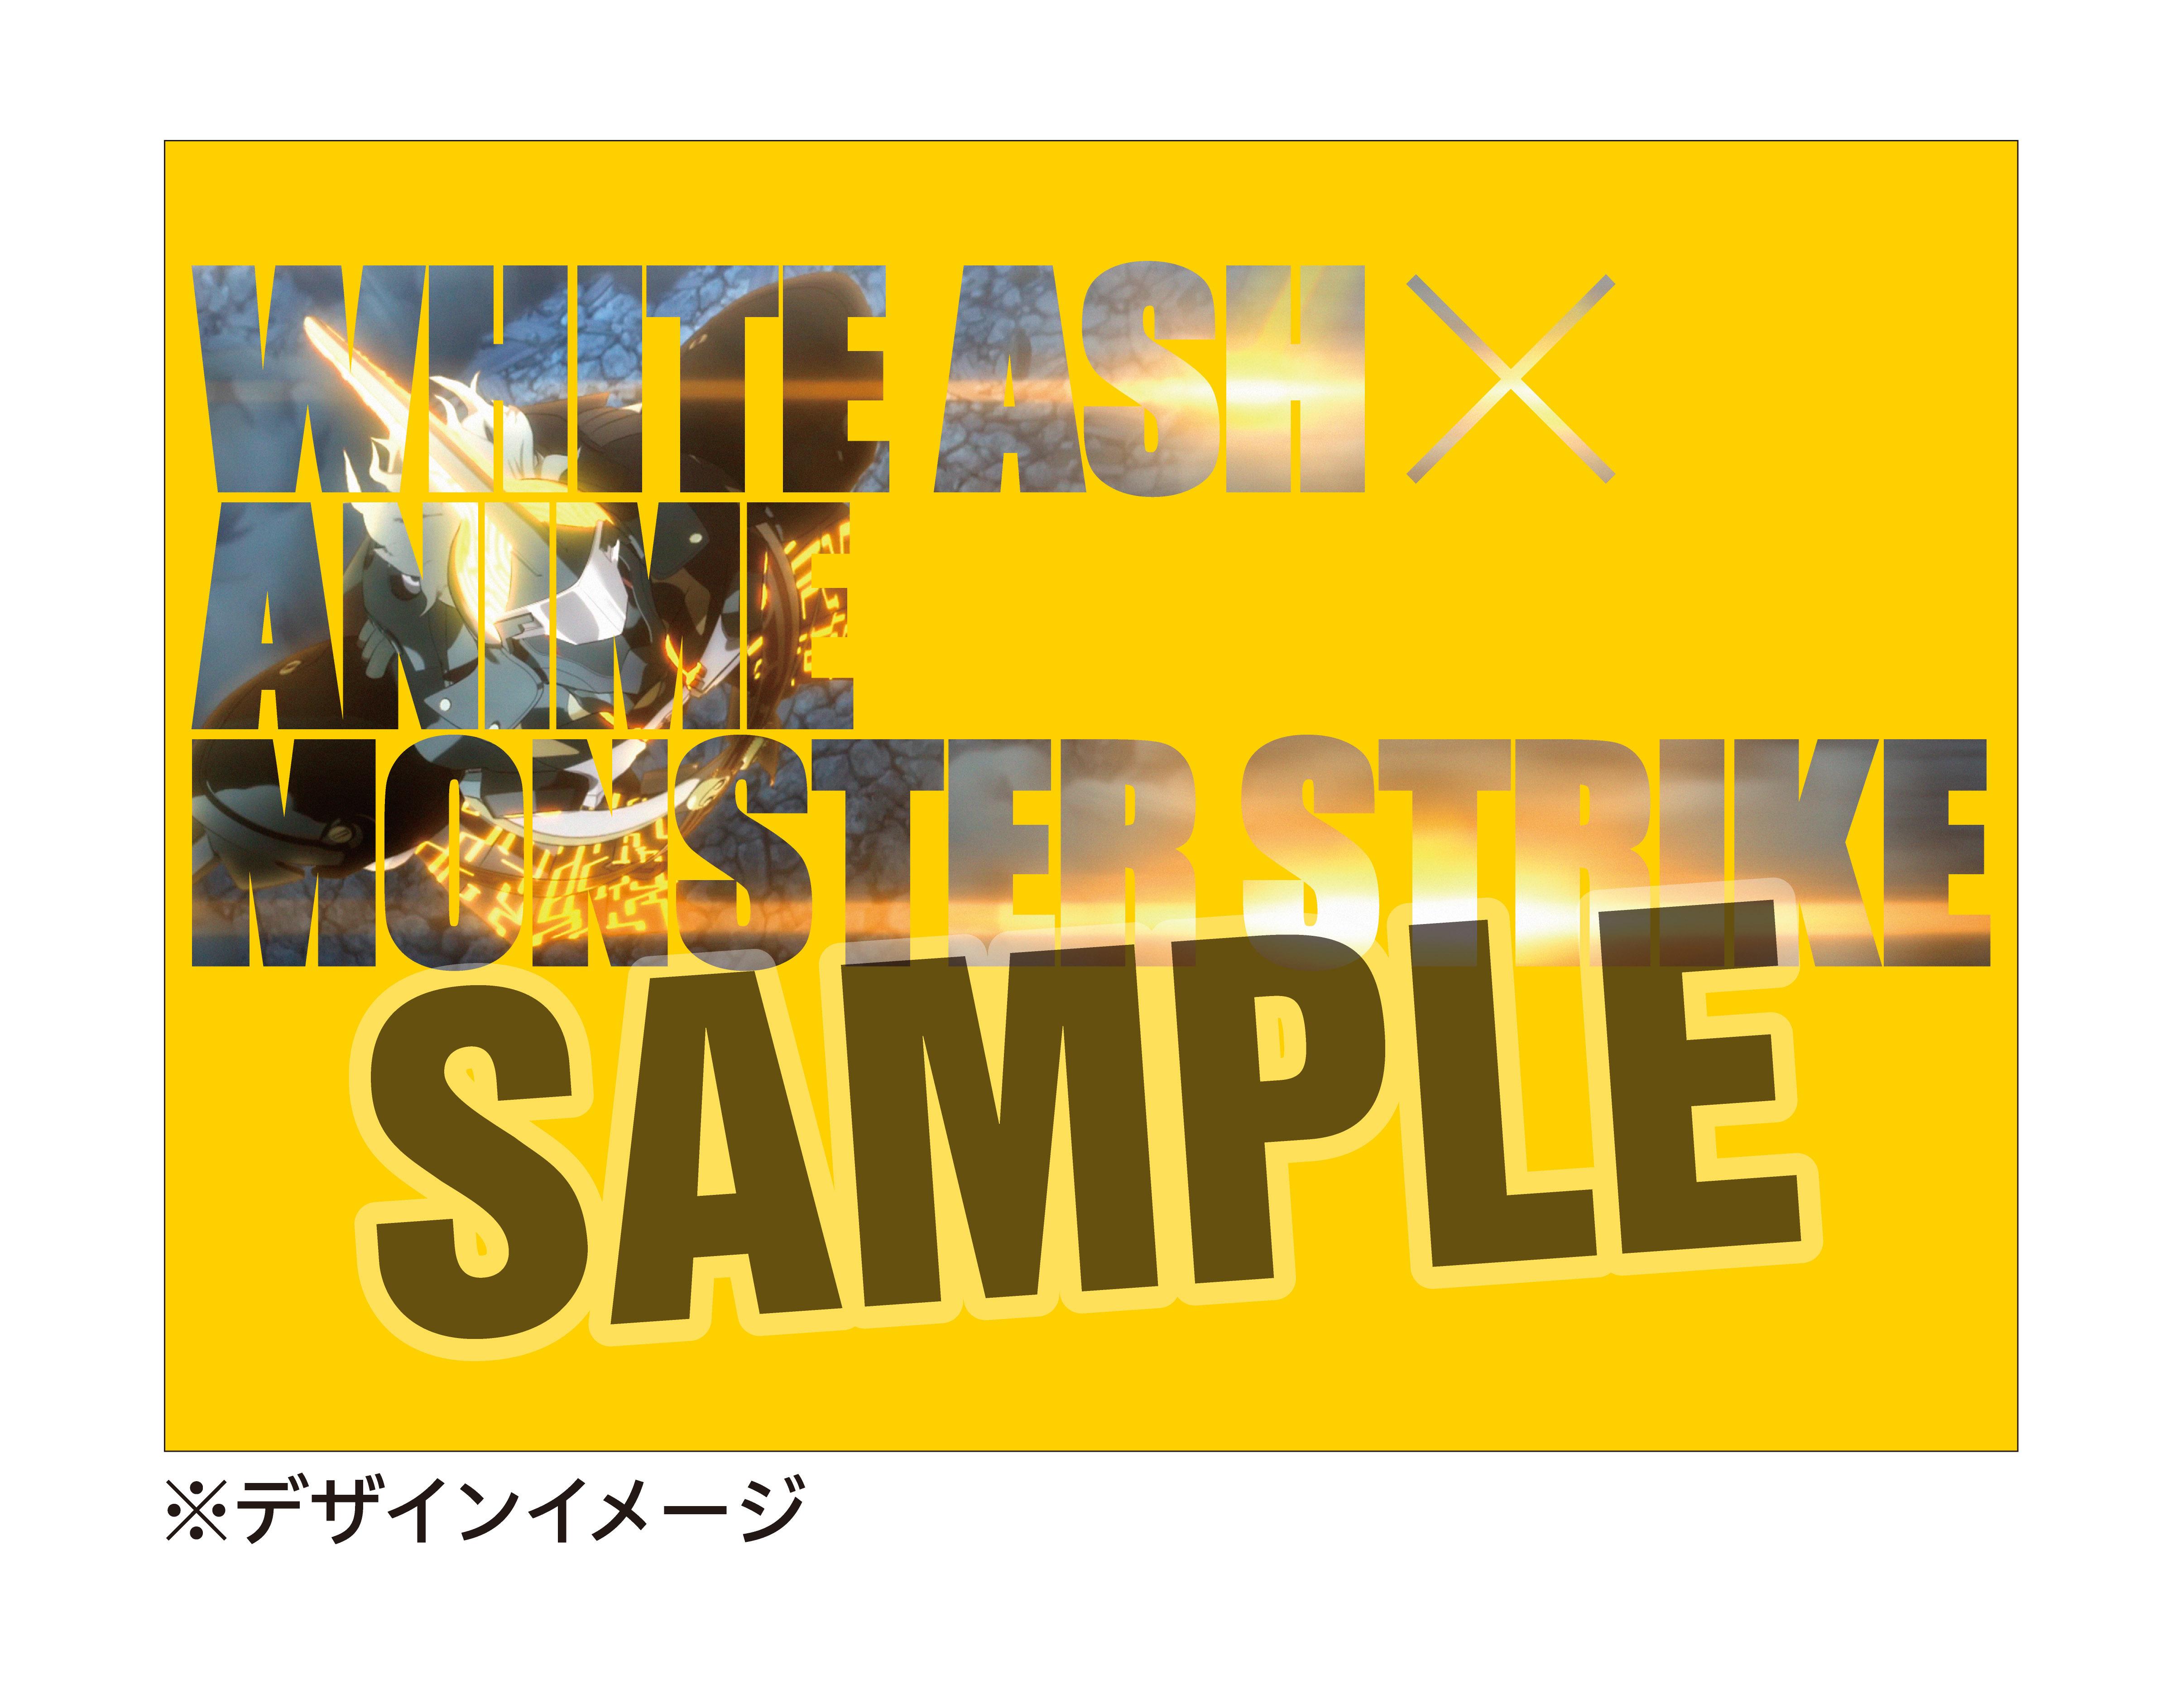 タワーレコード「WHITE ASH×神威」オリジナルA4ノート (C)mixi, Inc. All rights reserved.